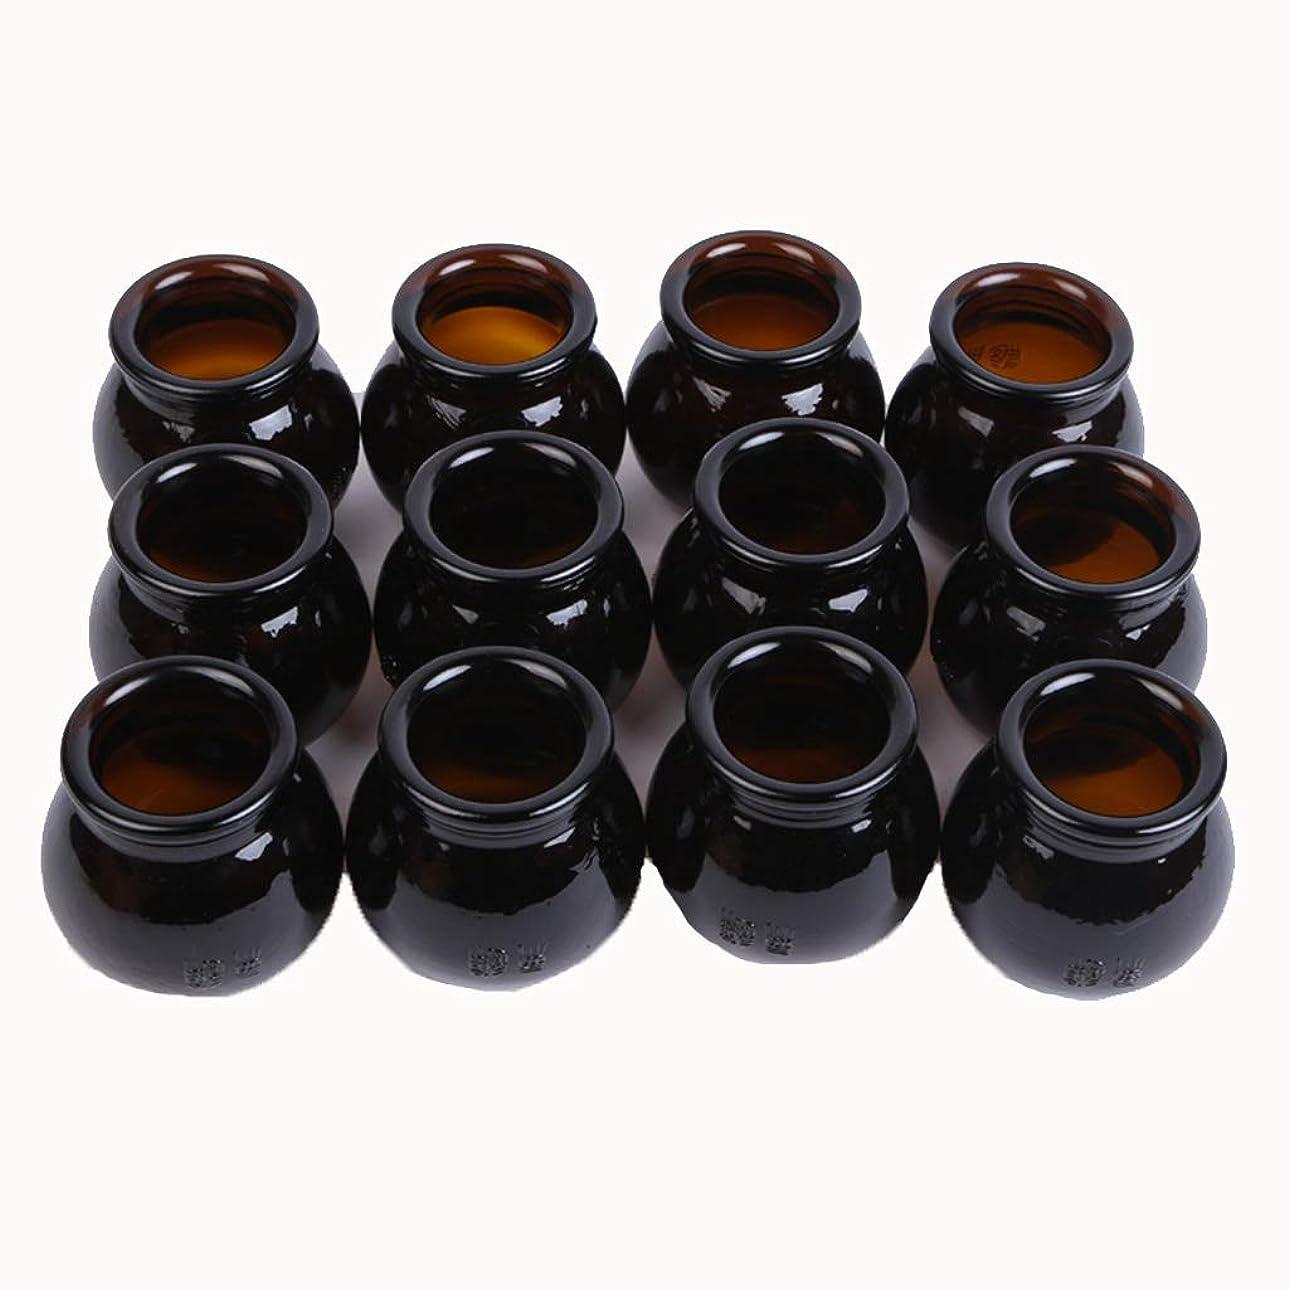 特許くそーデータベース12本純粋な手色の鍼治療マッサージカップ厚い茶色の火の瓶